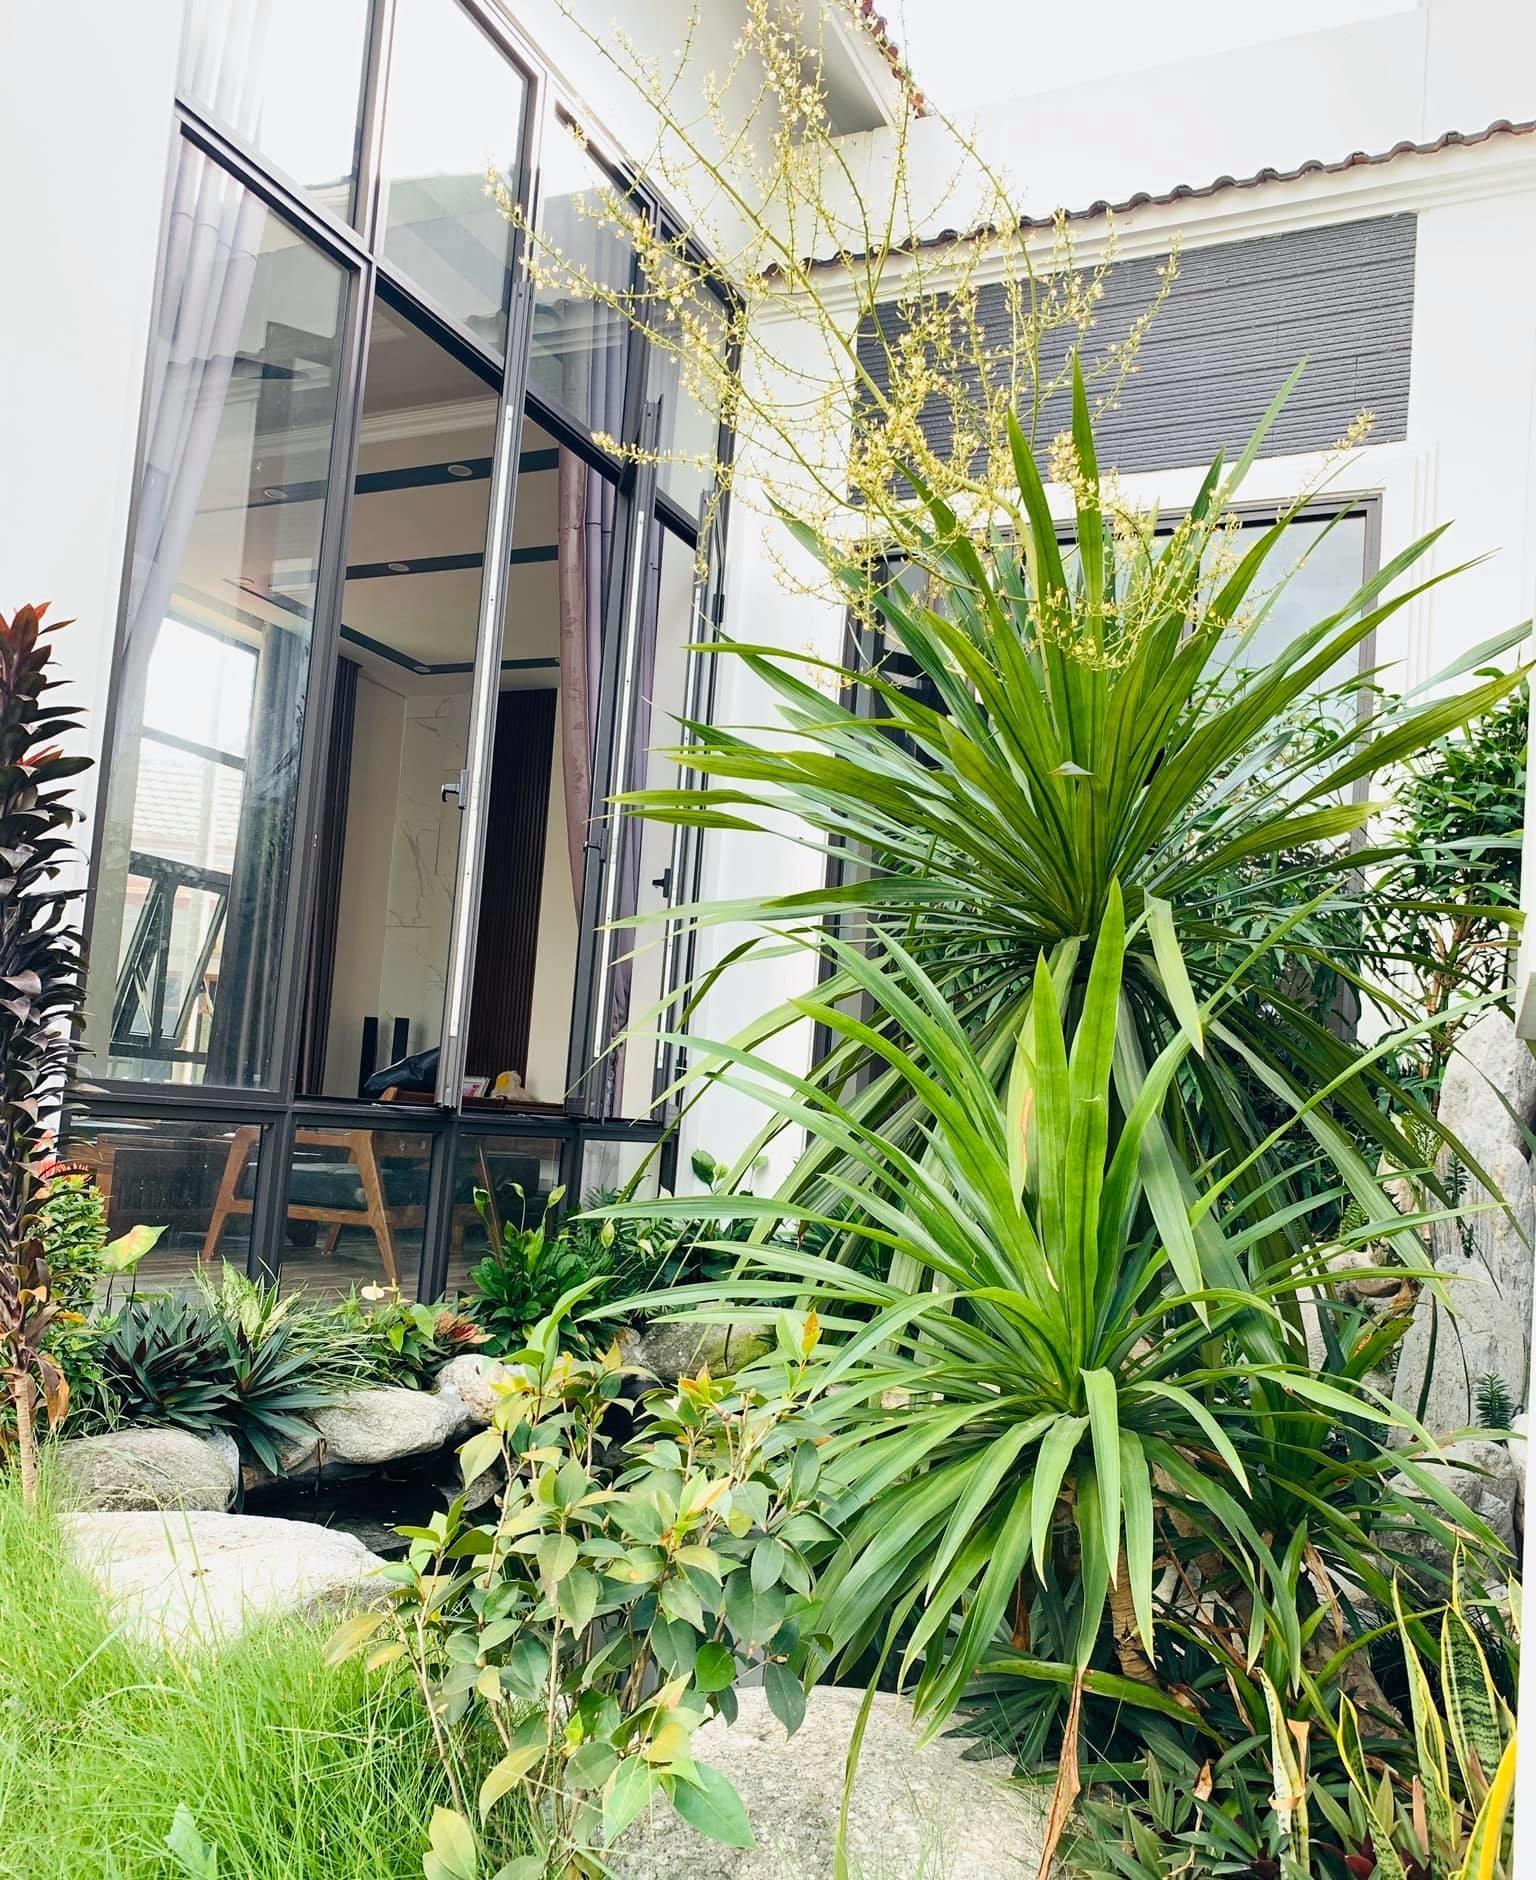 12 15987999000782010030522 - Con trai xây nhà vườn bên đồng lúa xanh mát tặng bố mẹ an hưởng tuổi già ở Vĩnh Phúc